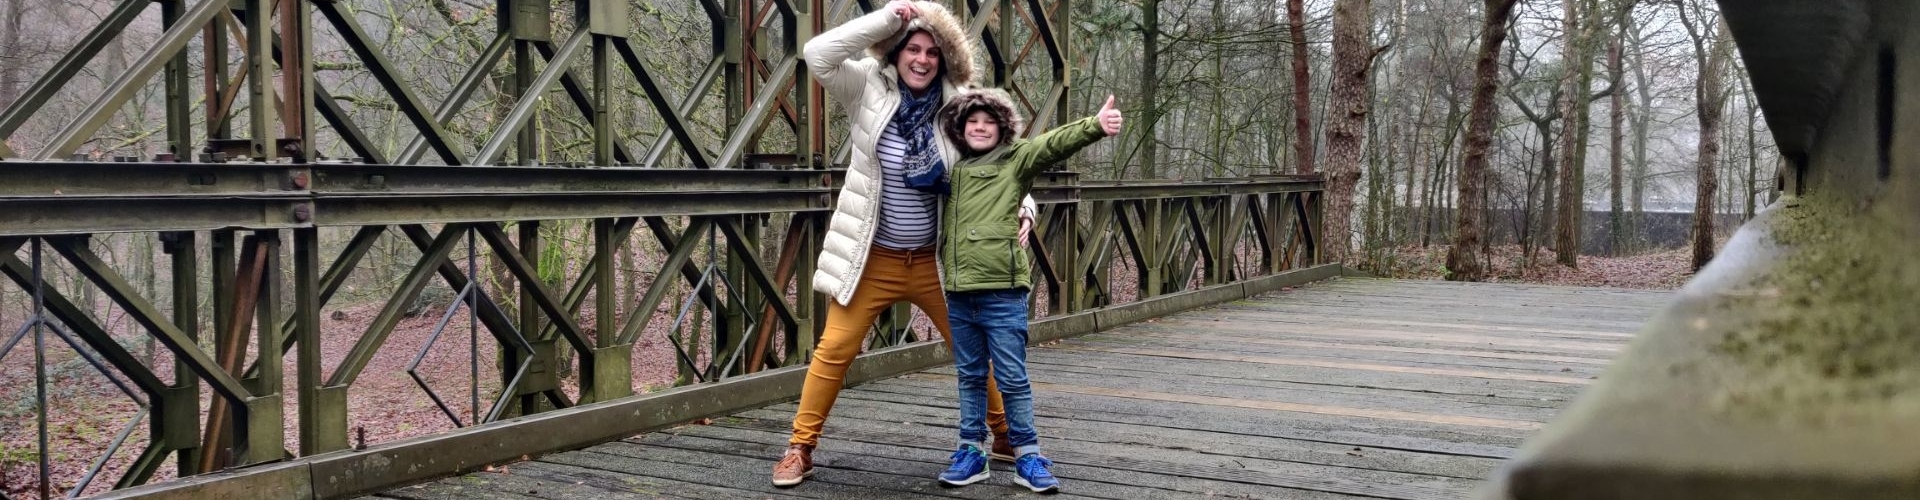 Wat zijn leuke uitjes in Limburg met kinderen